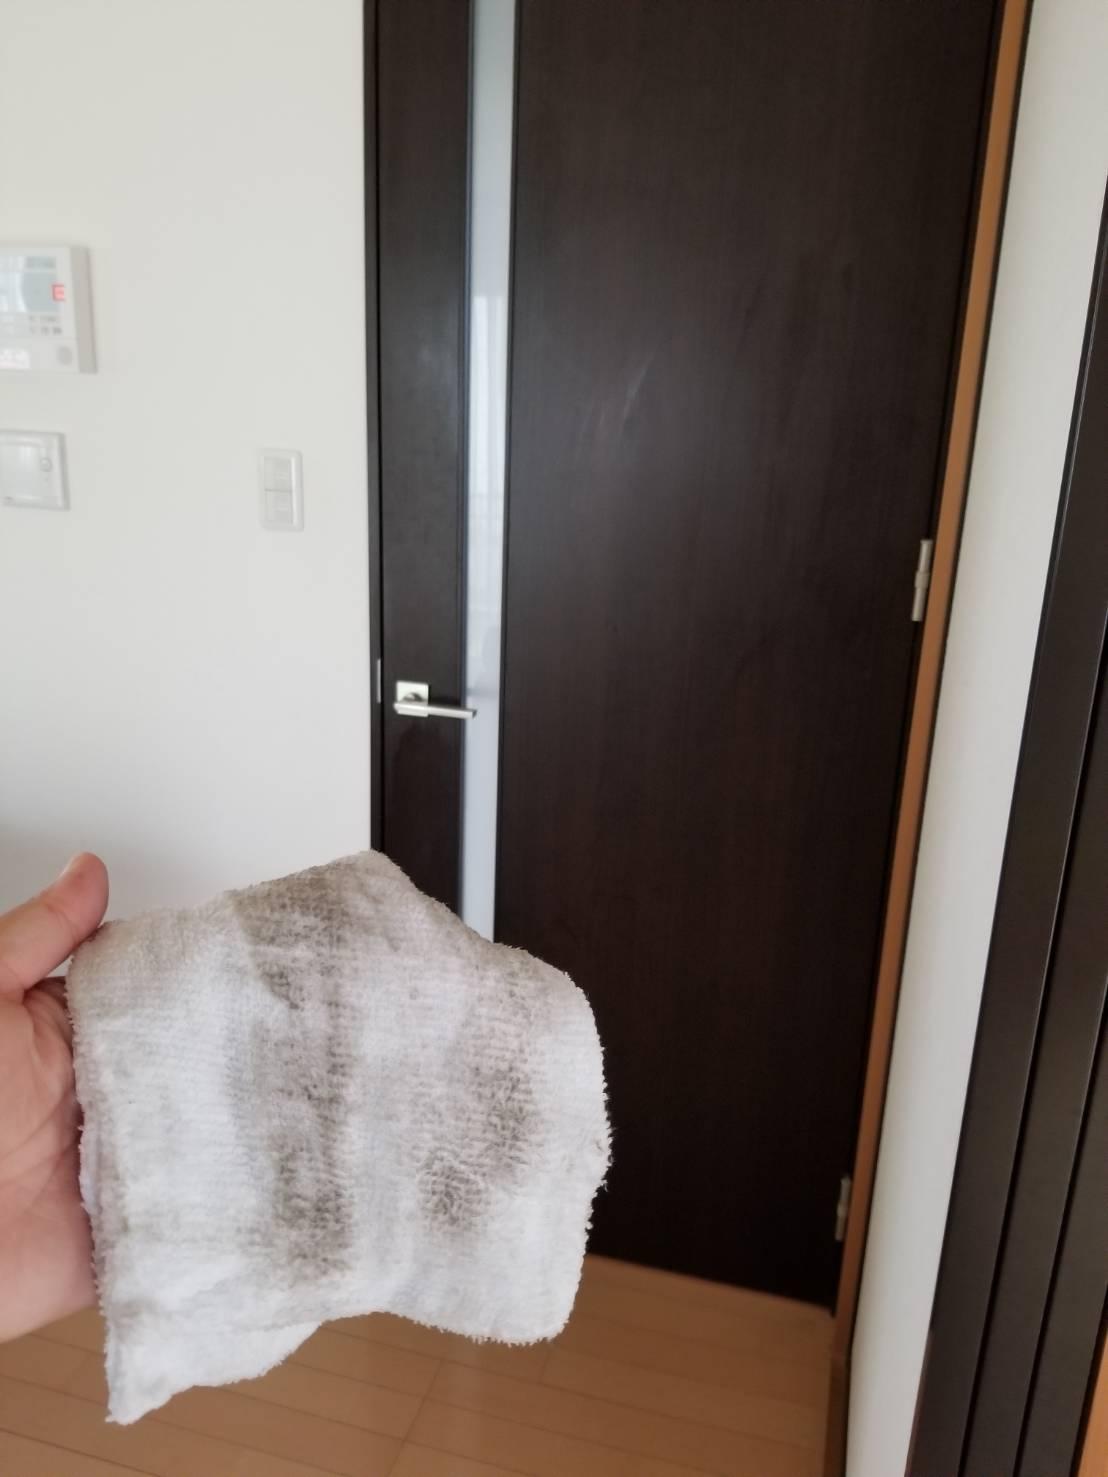 20190425知多市室内の扉拭き 田中さん (2)